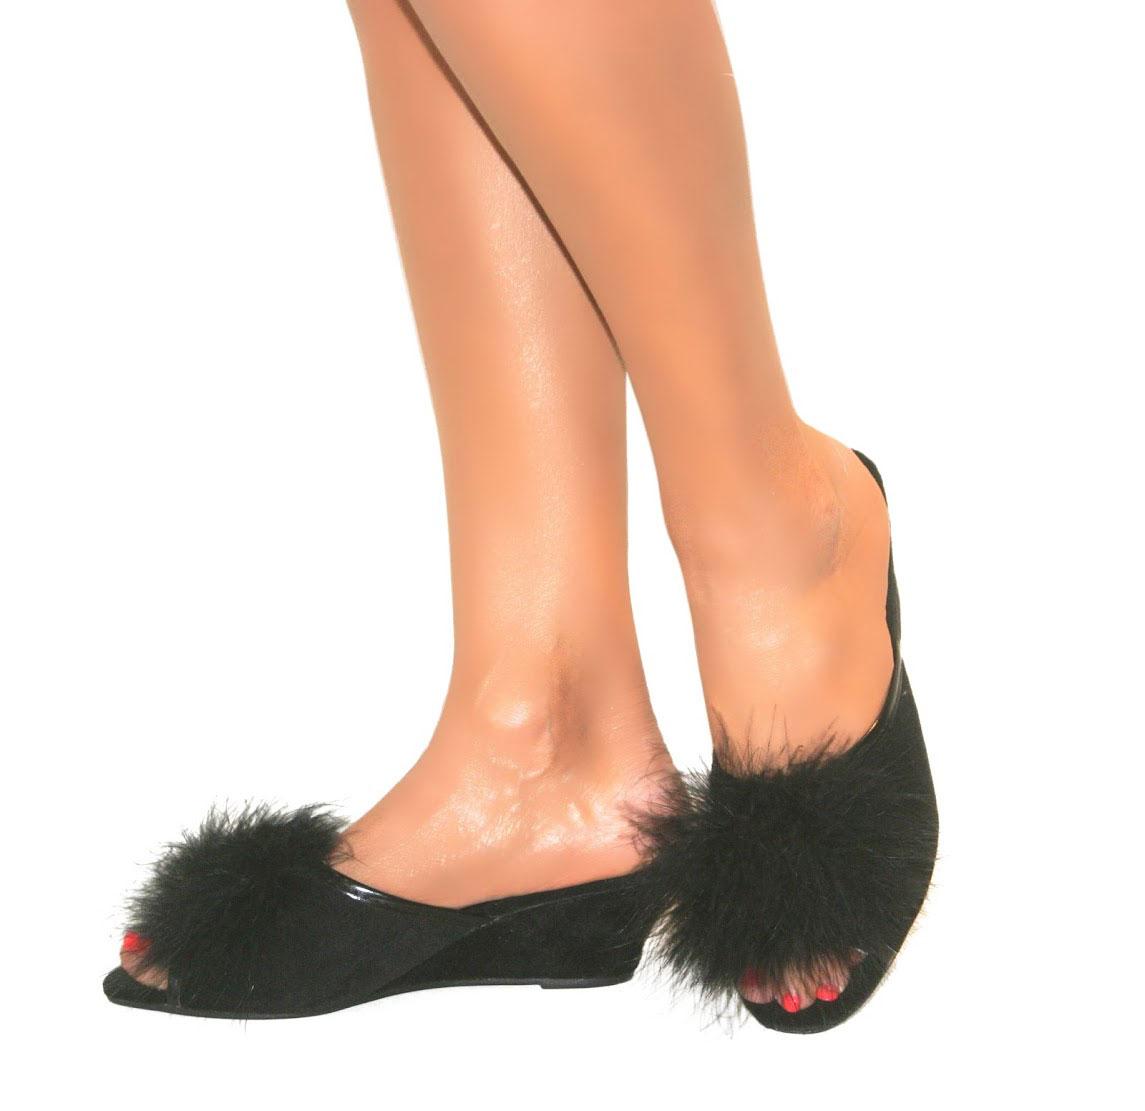 femme slip on dunlop mule talon compens en daim peep toe feather pantoufles chaussures taille. Black Bedroom Furniture Sets. Home Design Ideas